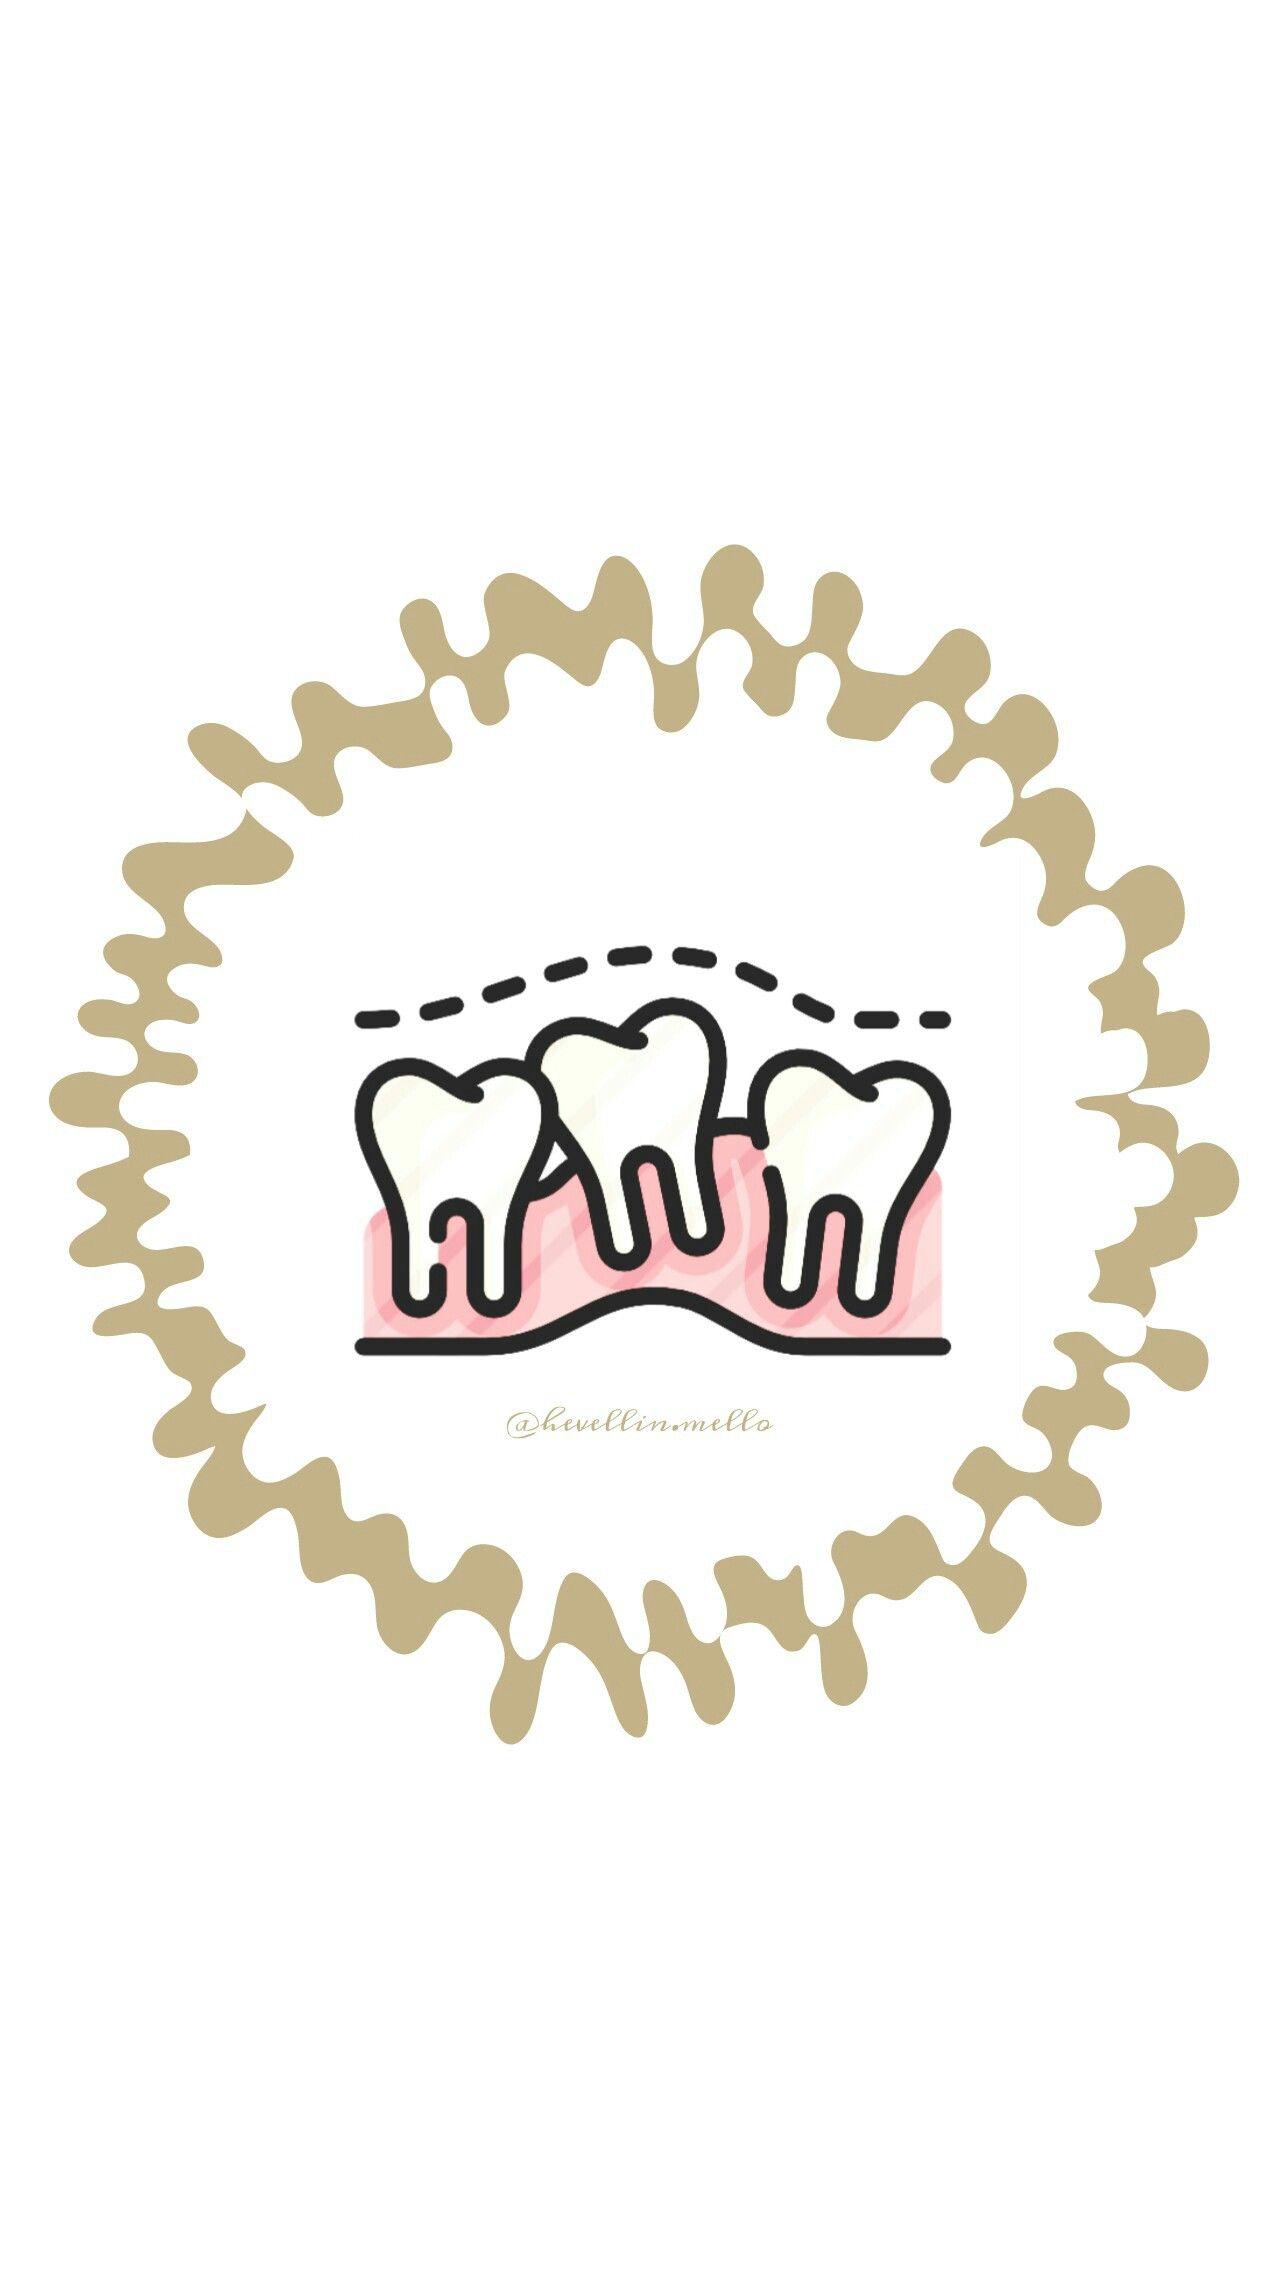 коды картинки для инстаграма стоматология изменяем длину кромки